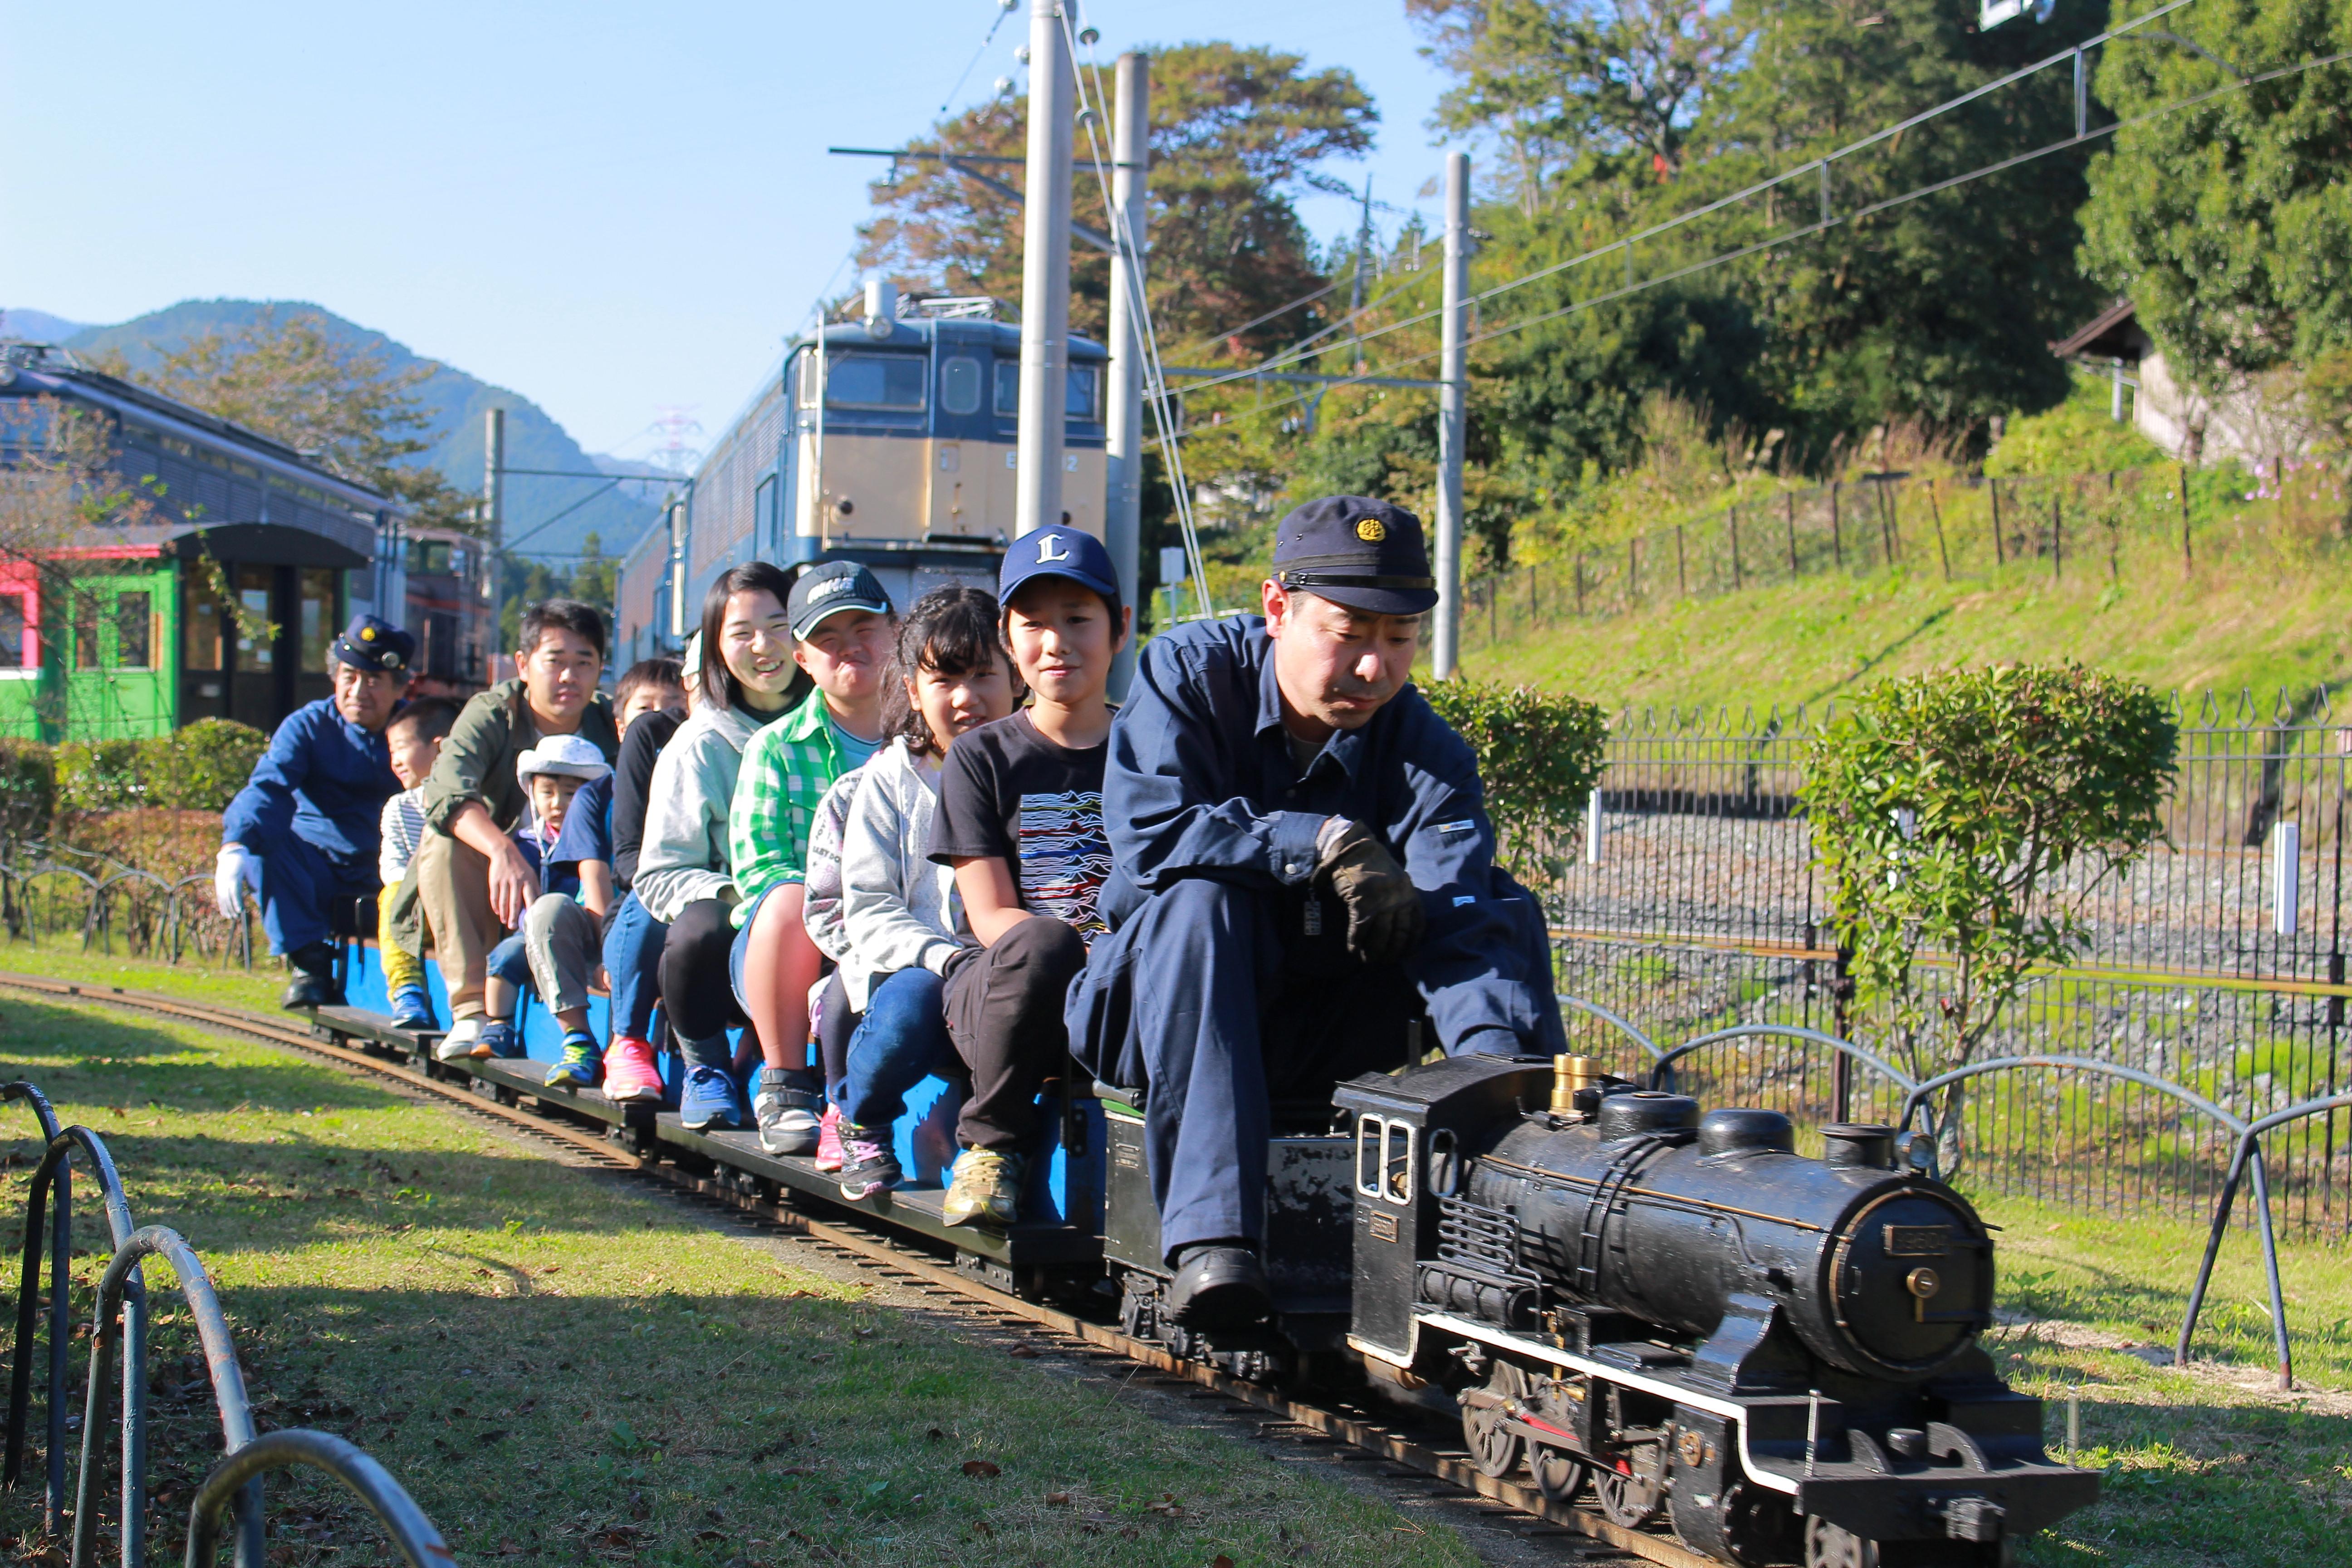 横川ハイキング 鉄道文化村 ミニSL。